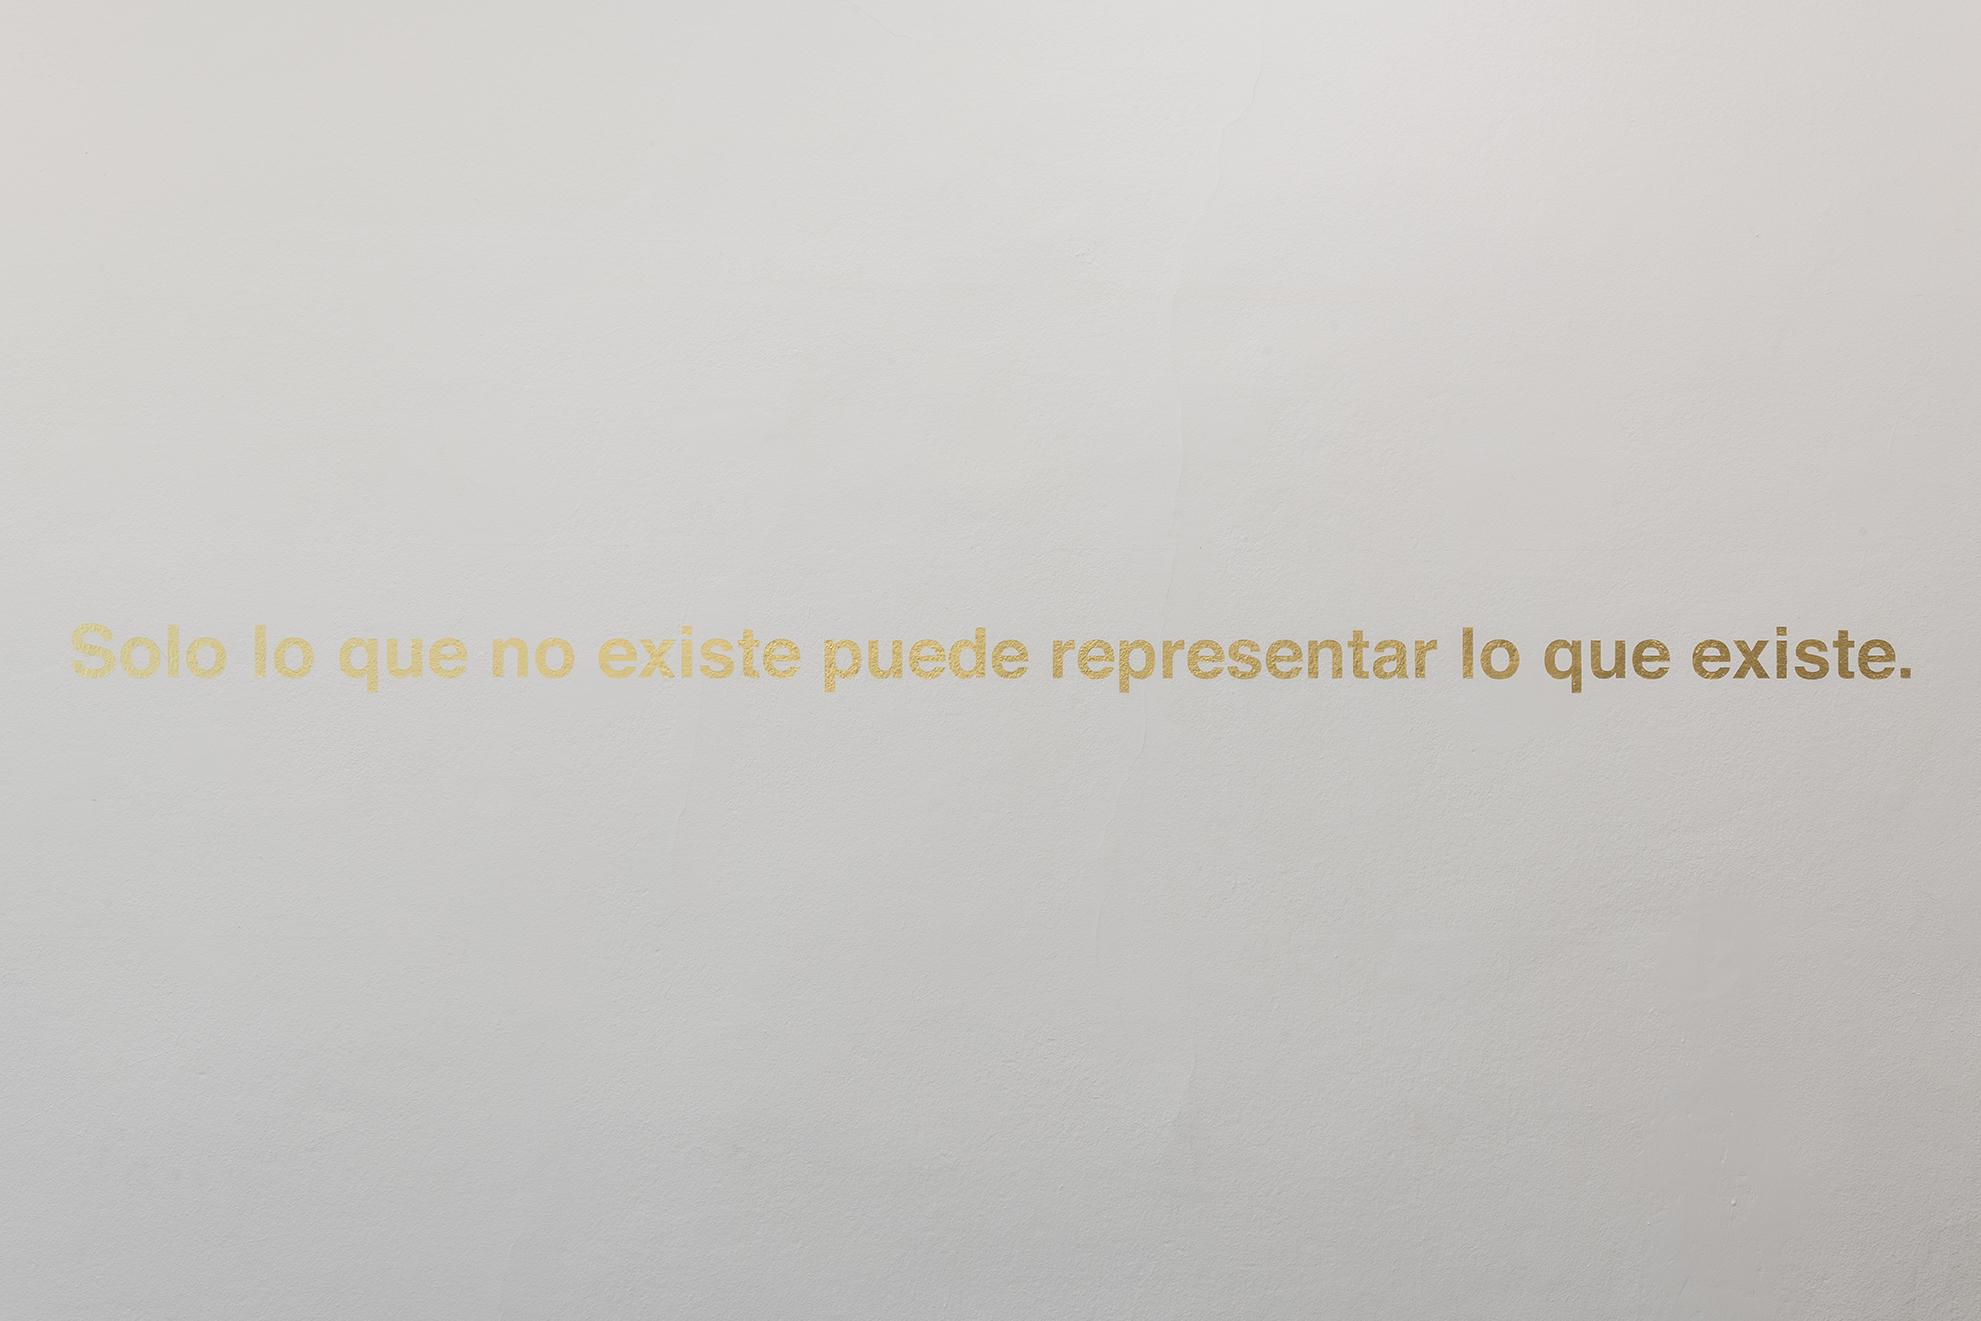 Frase de Oro (Solo lo que no existe puede representar lo que existe.), 2018 | La Peste (The Plague) | ProjecteSD